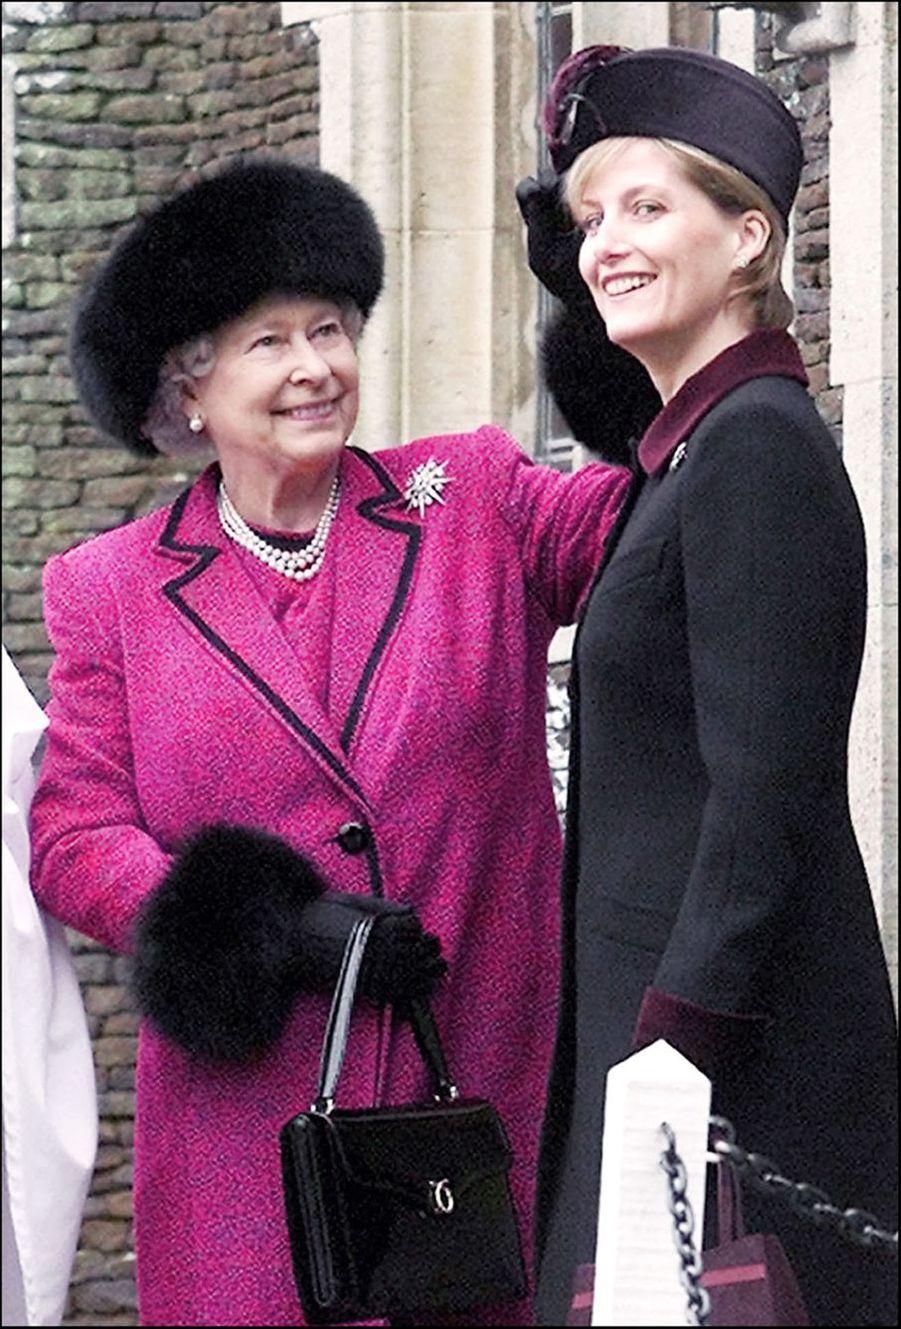 La reine Elizabeth II avec sa belle-fille Sophie de Wessex, après la messe de Noël à Sandringham (décembre 2002)